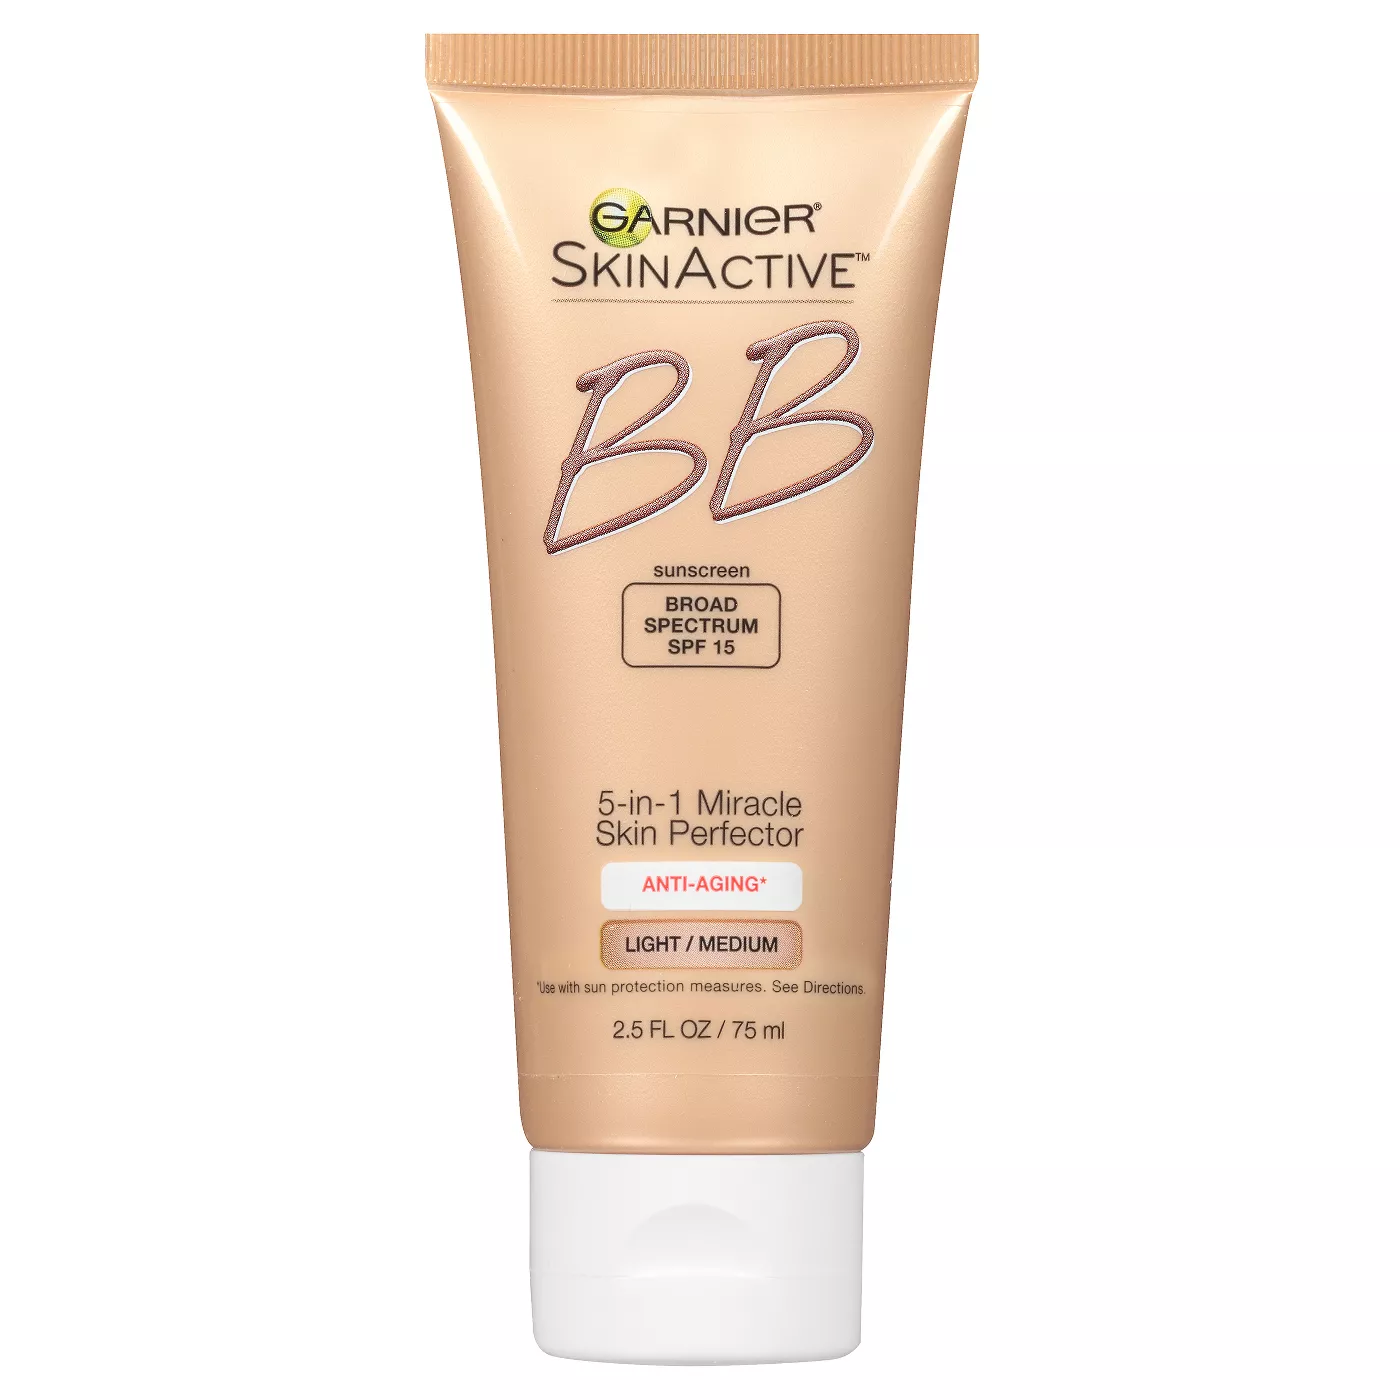 SkinActive Miracle Skin Perfector BB Cream Anti-Aging 2.5 fl